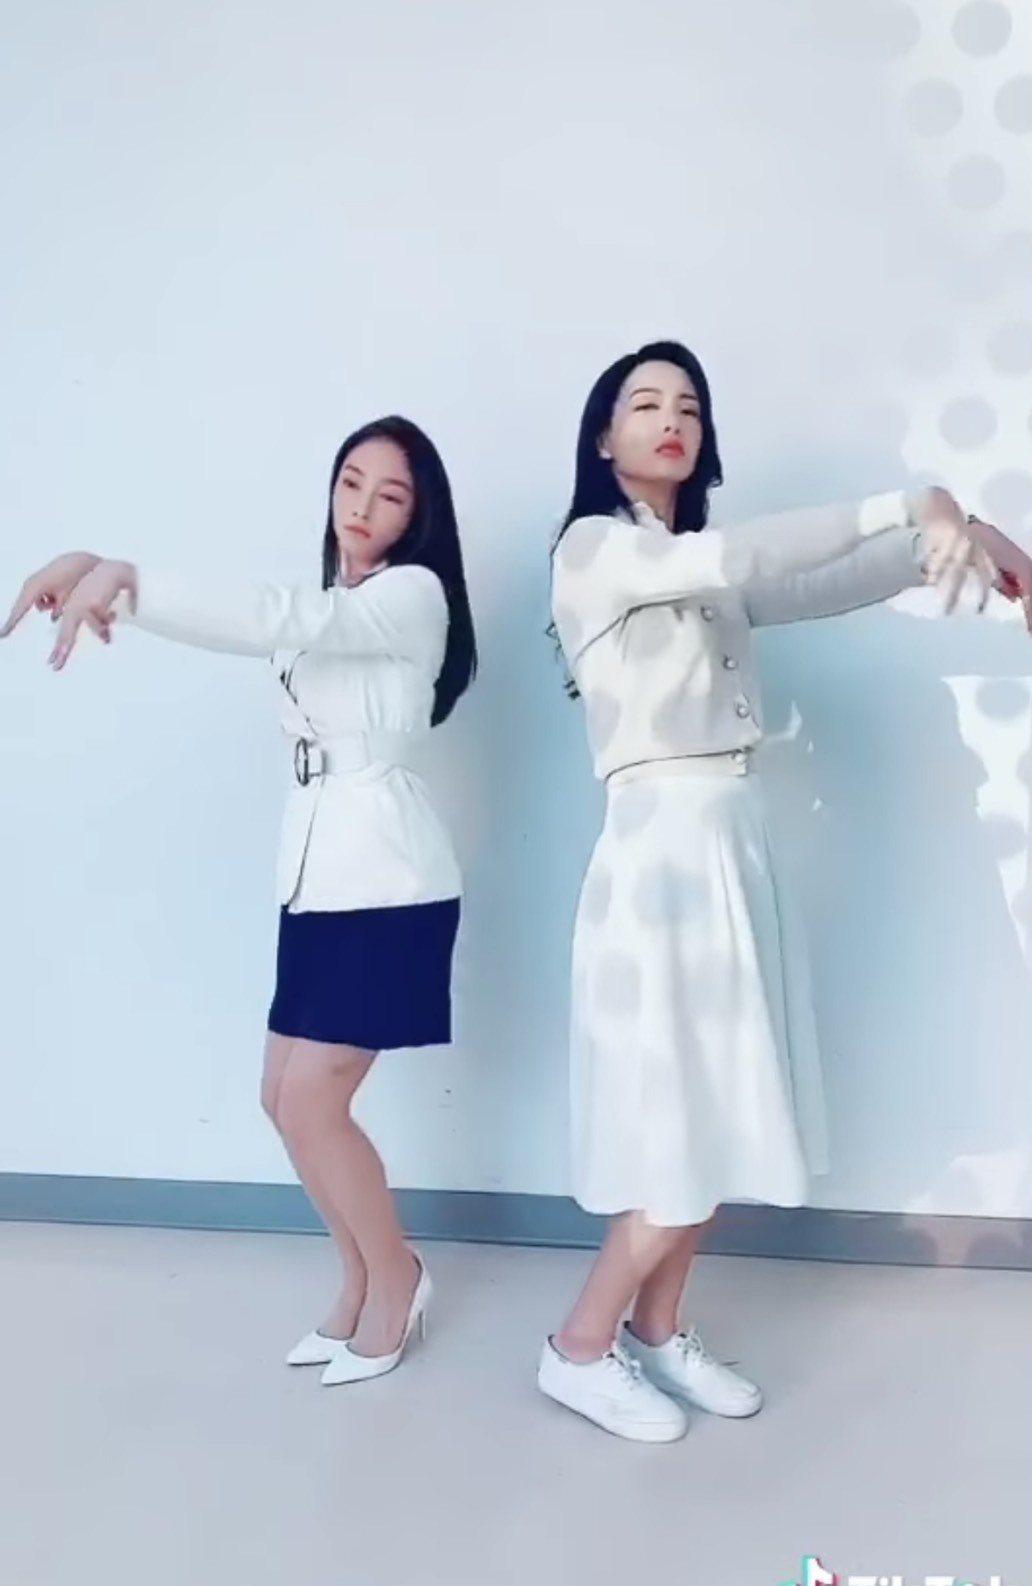 何蓓蓓(右)、張家瑋大跳螃蟹舞。圖/摘自臉書